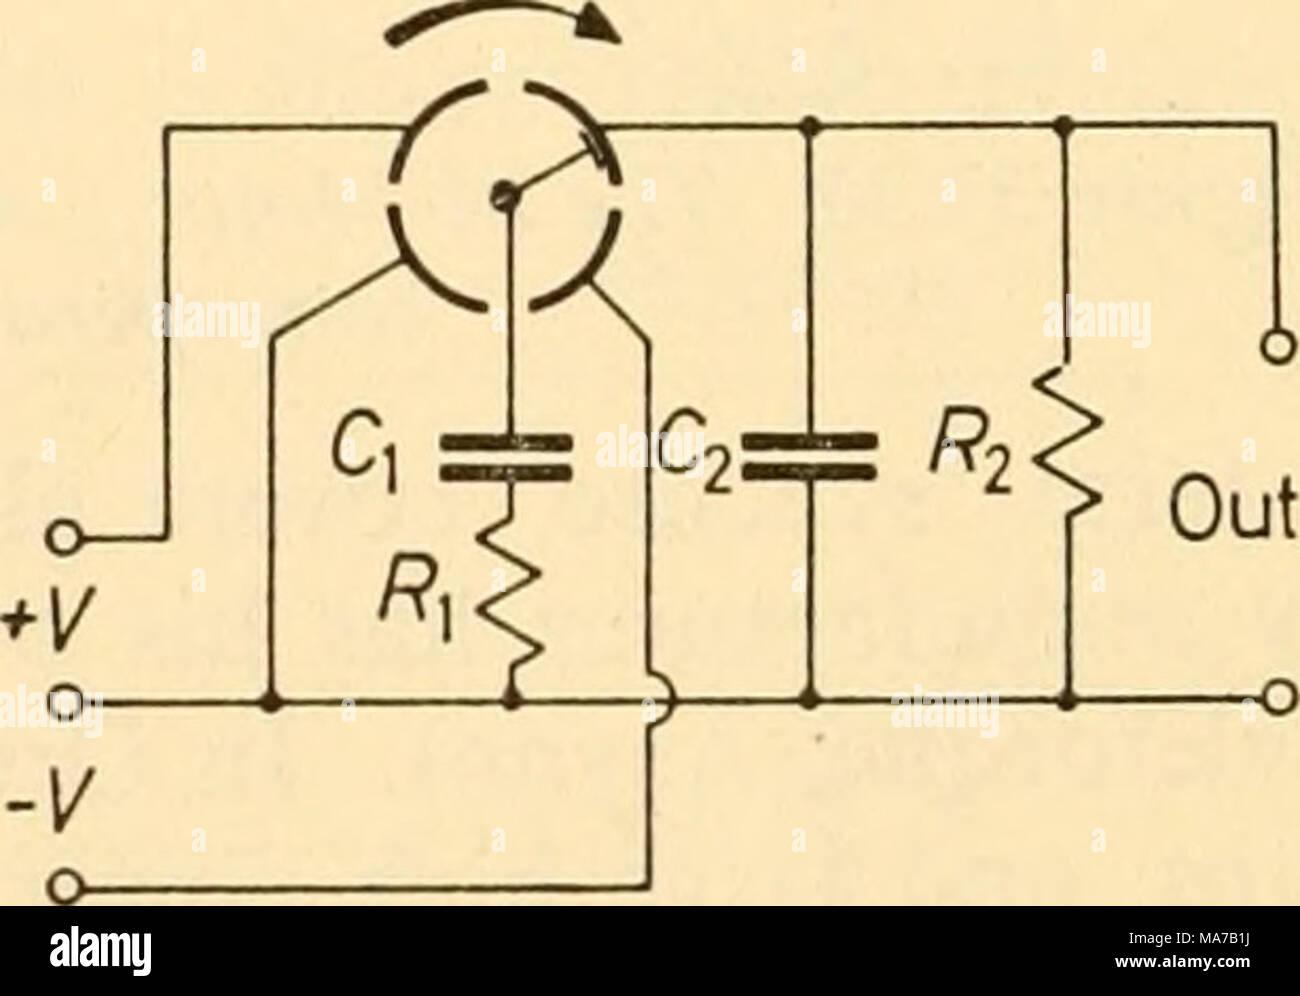 Beste Symbol Für Kondensator Bilder - Elektrische Schaltplan-Ideen ...